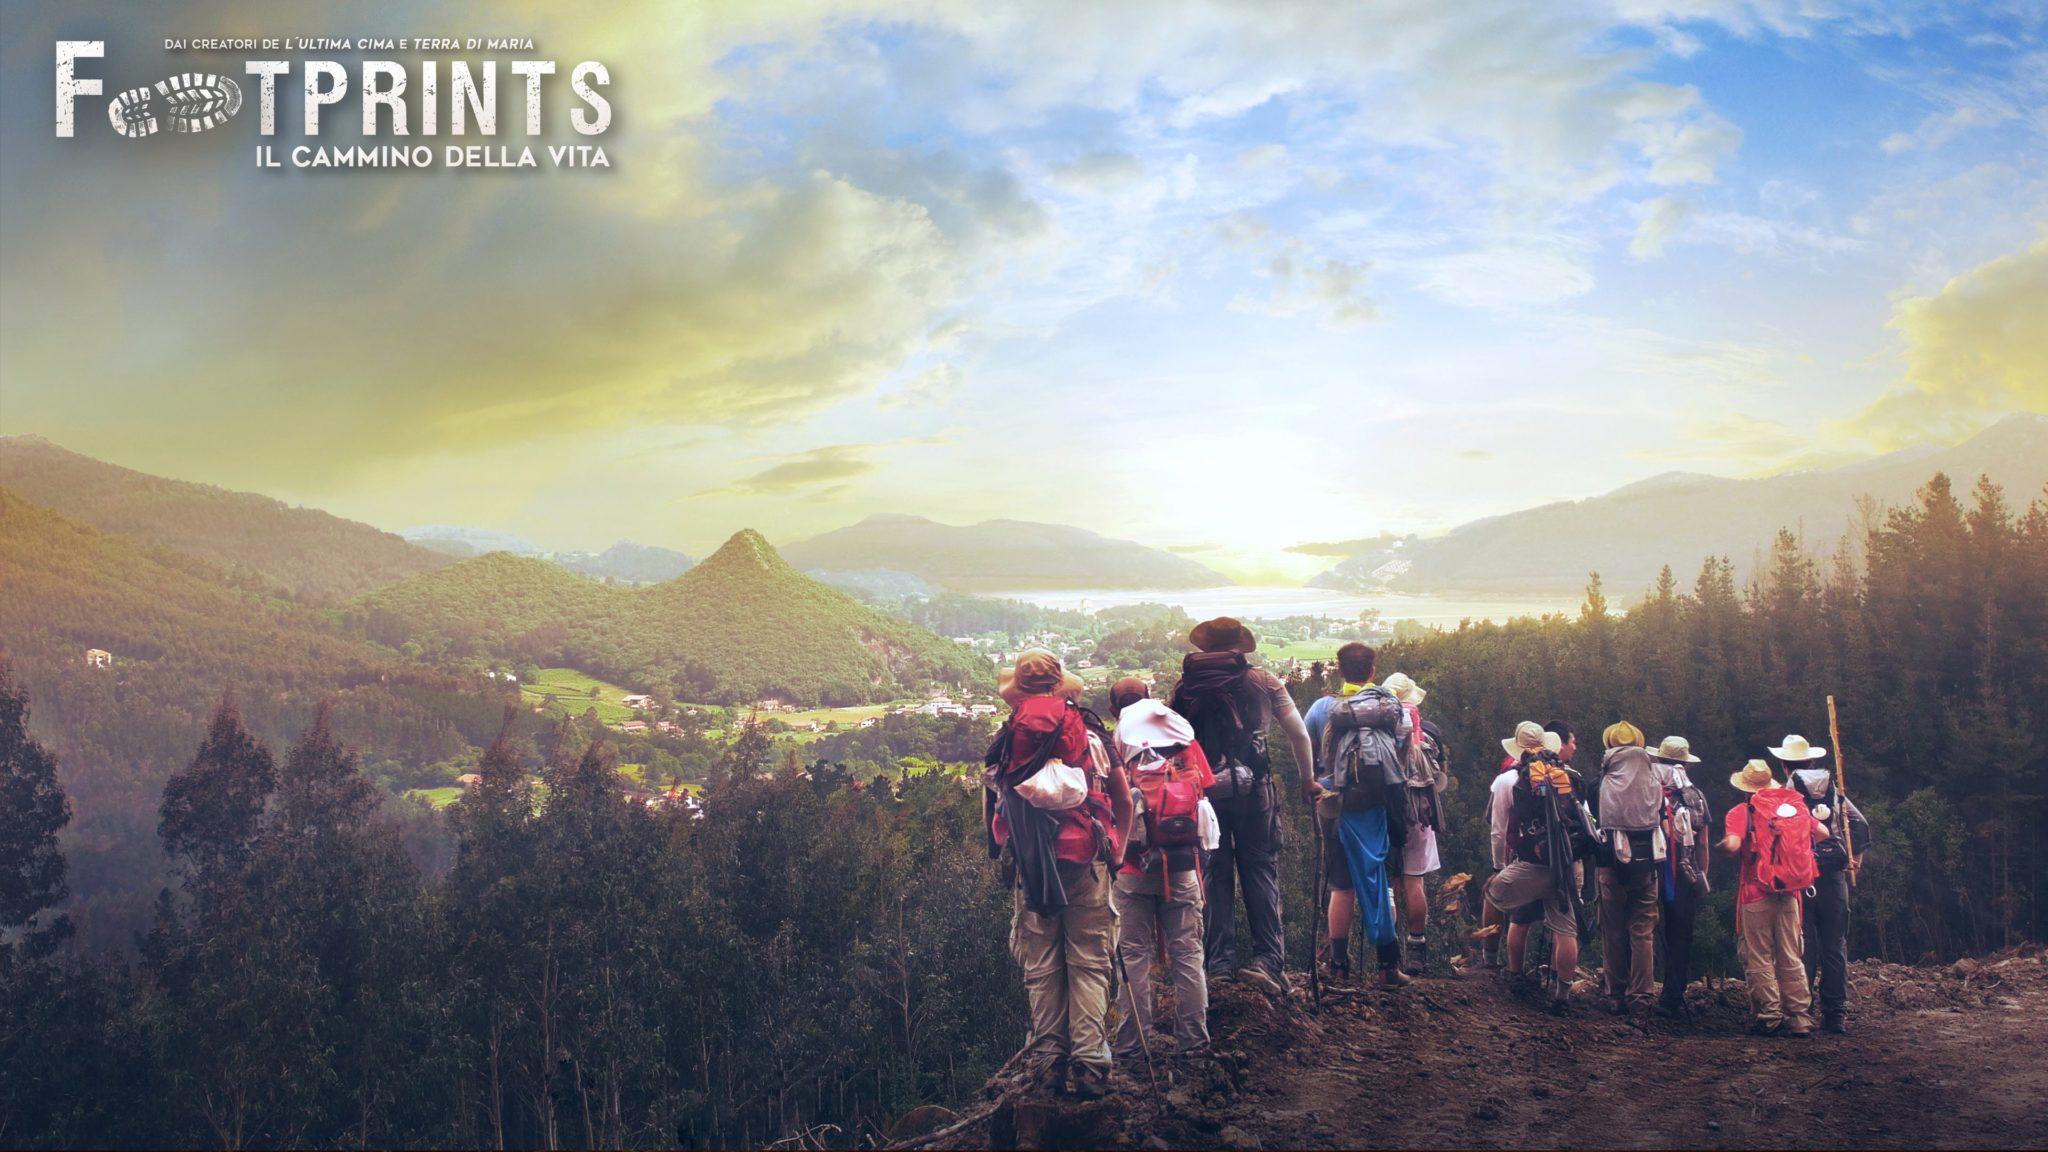 Footprints il cammino della vita nel viaggio verso Santiago